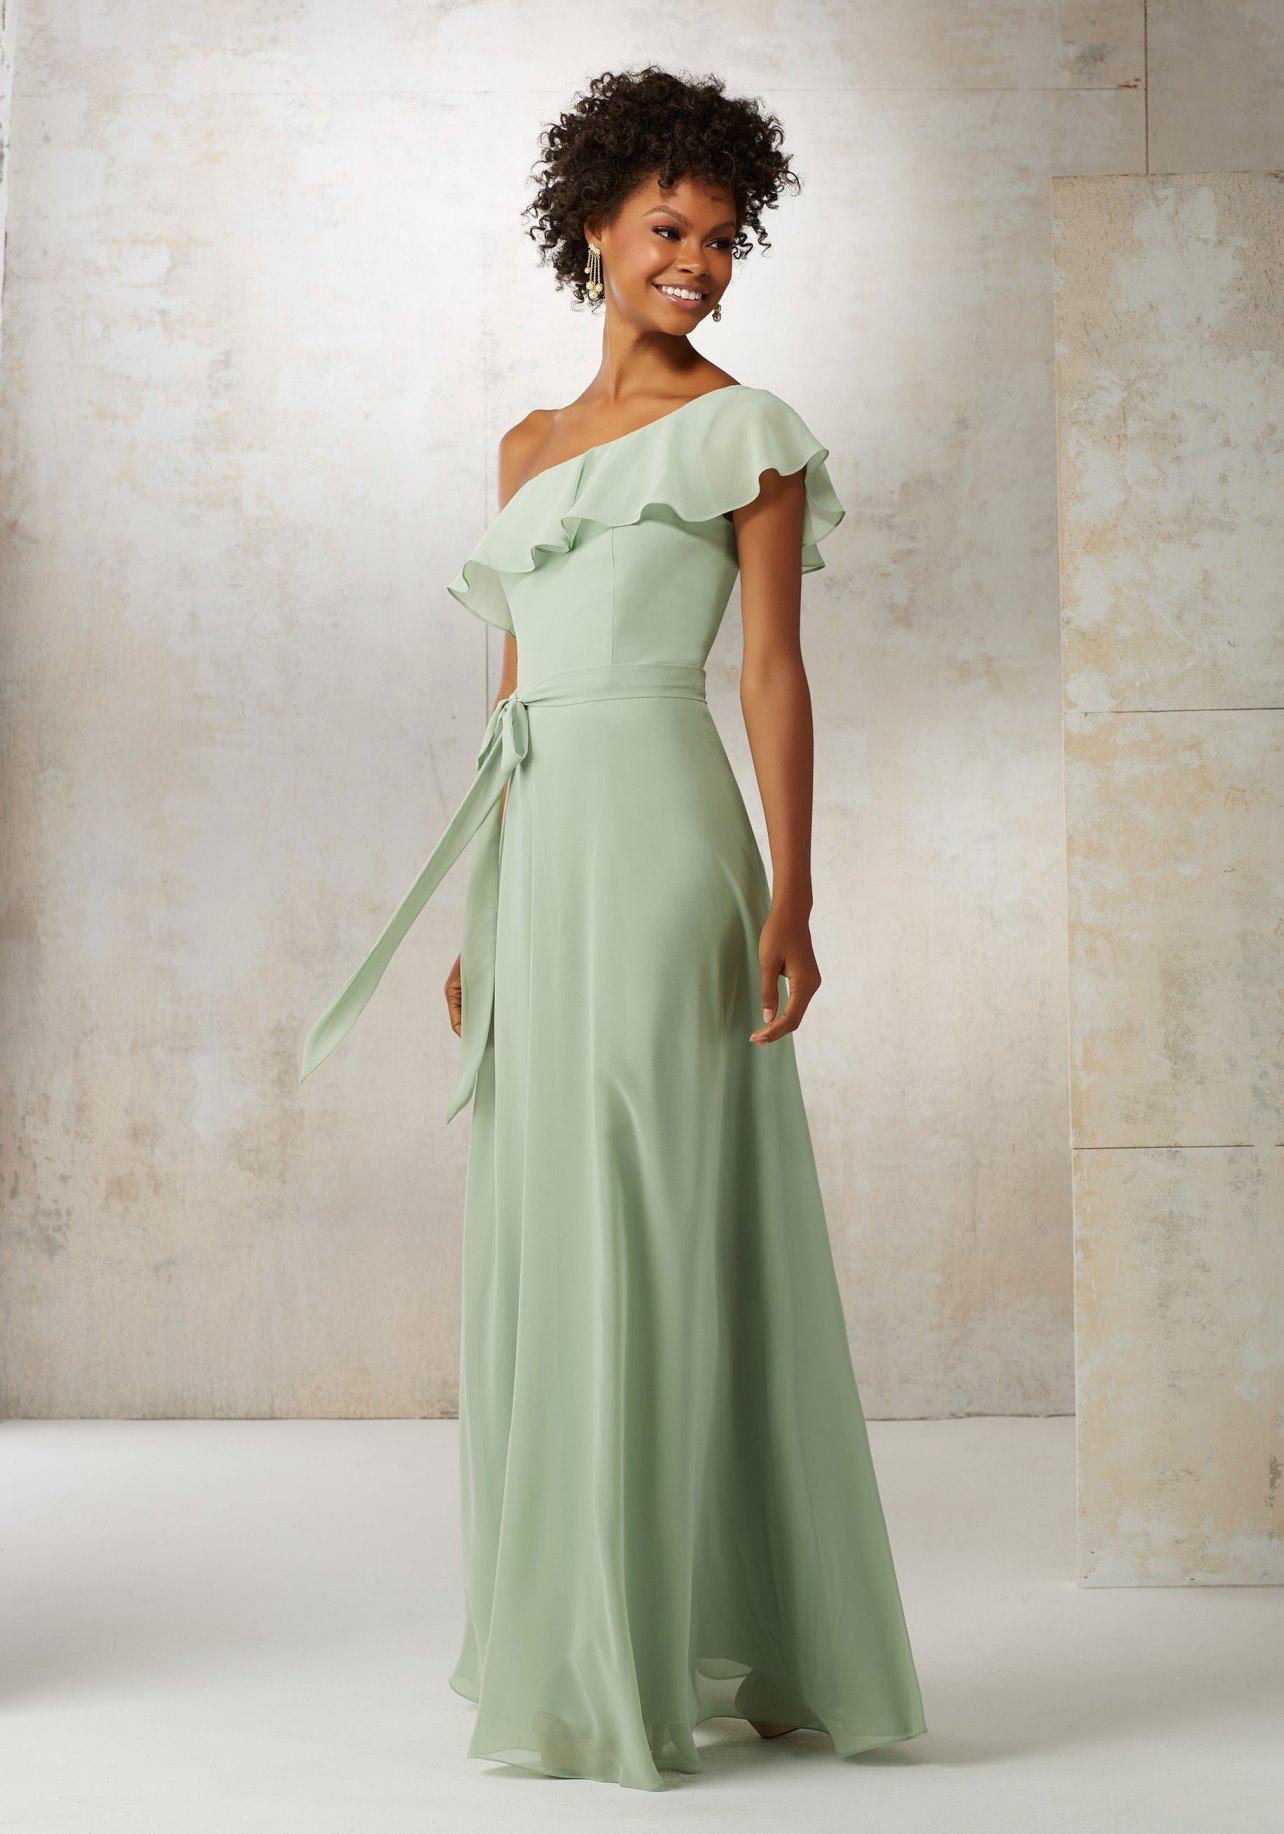 Dress - Mori Lee BRIDESMAIDS SPRING 2017 Collection: 21503 ...